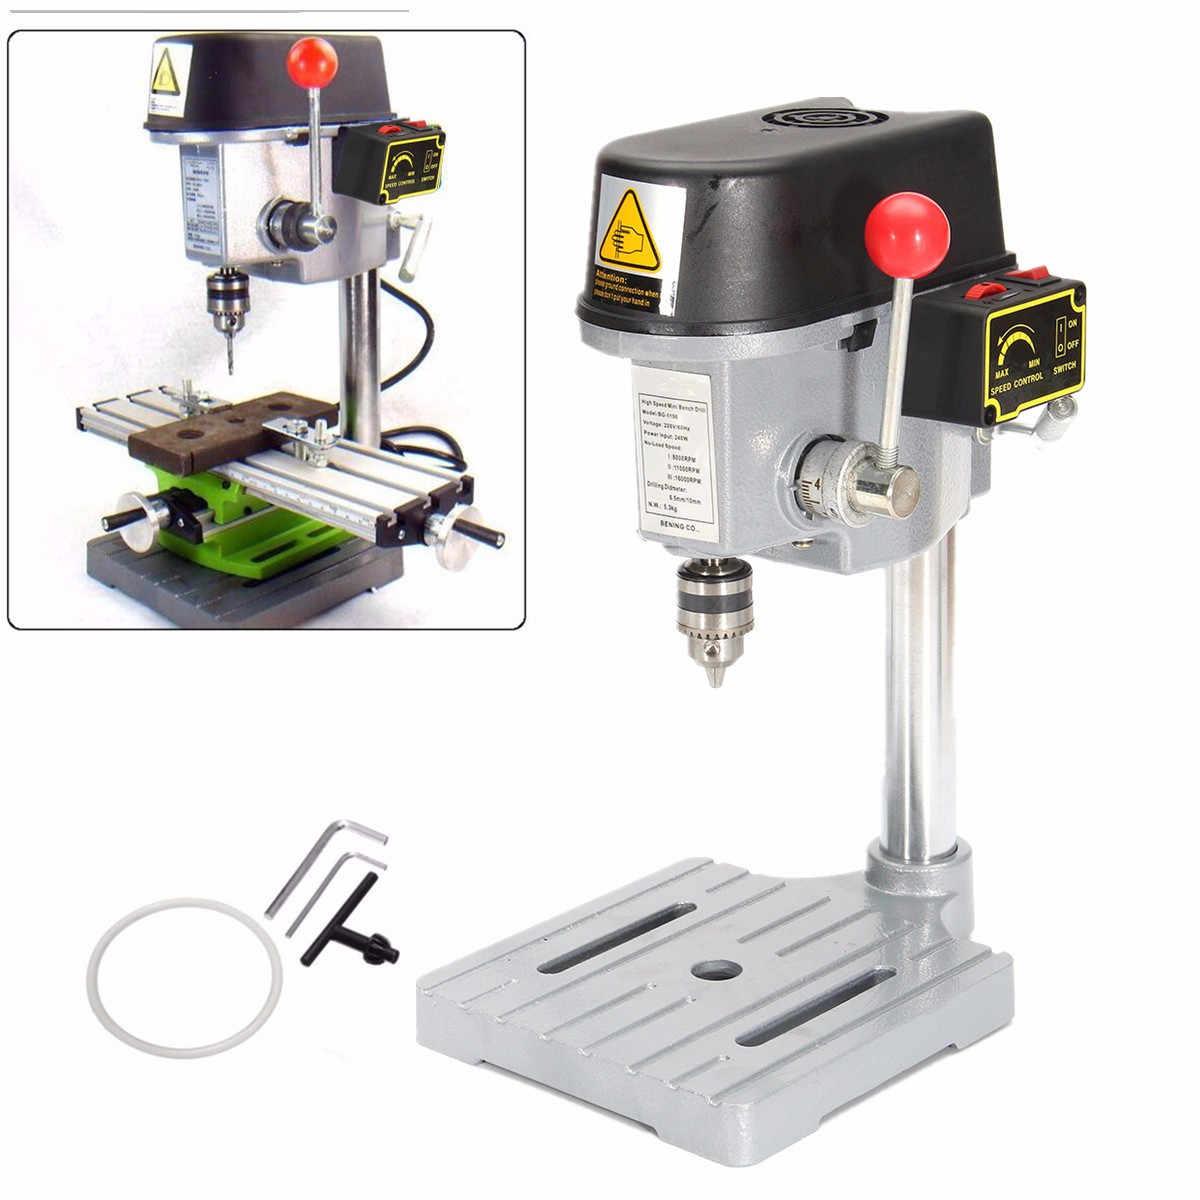 Mini imprensa de broca 240 w para o mandril de perfuração de velocidade variável da máquina de perfuração do banco 0.6-6.5mm para ferramentas elétricas de madeira do metal de diy